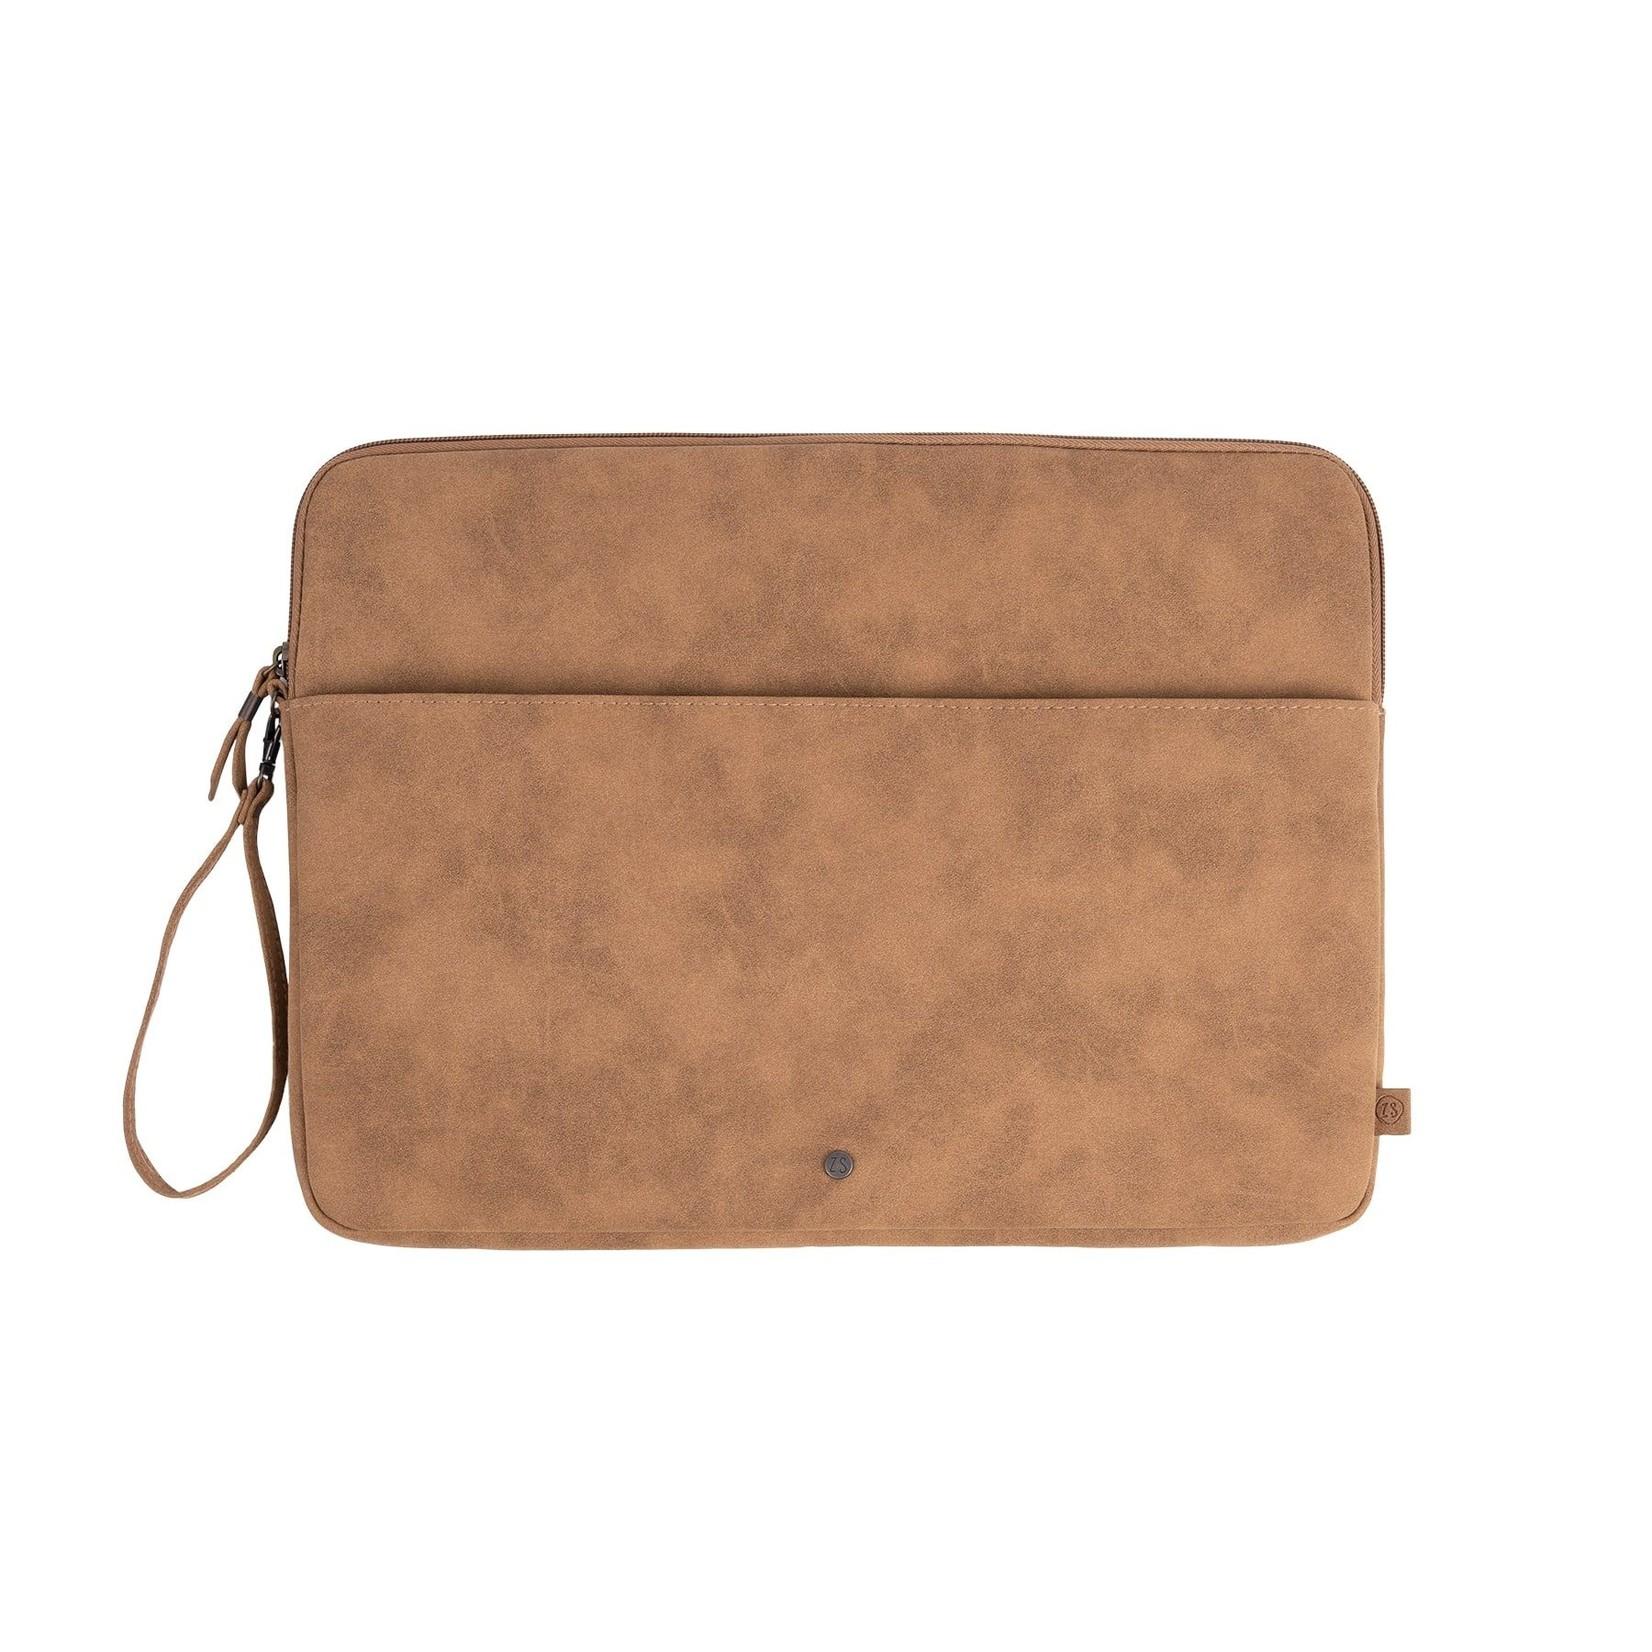 Zusss Laptopcover - Kaki - 15 inchh